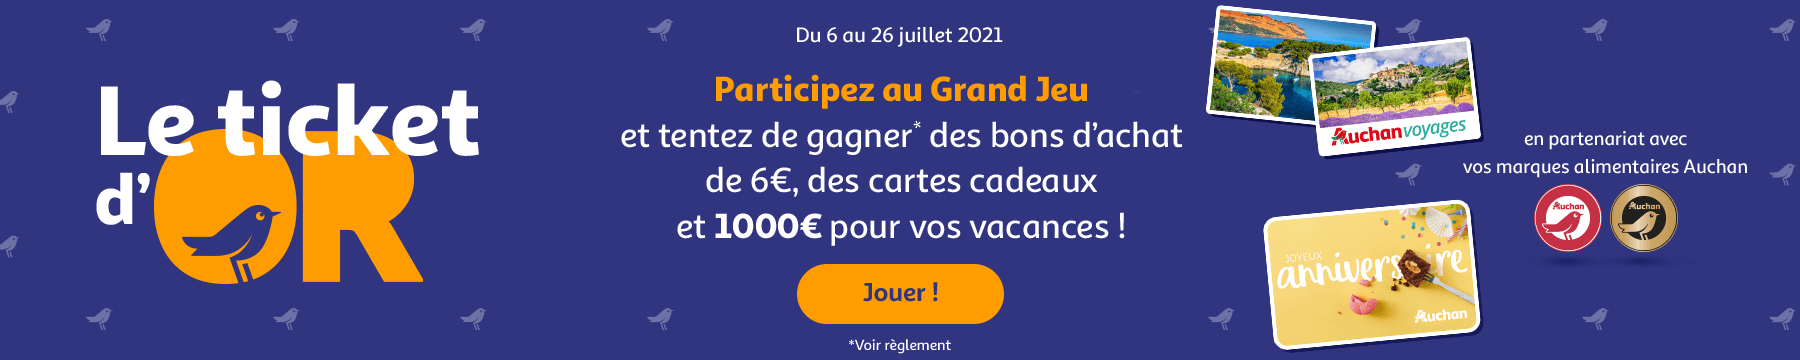 Tentez de gagner des bon d'achats de 6€, des cartes cadeaux et 1000€ pour vos vacances